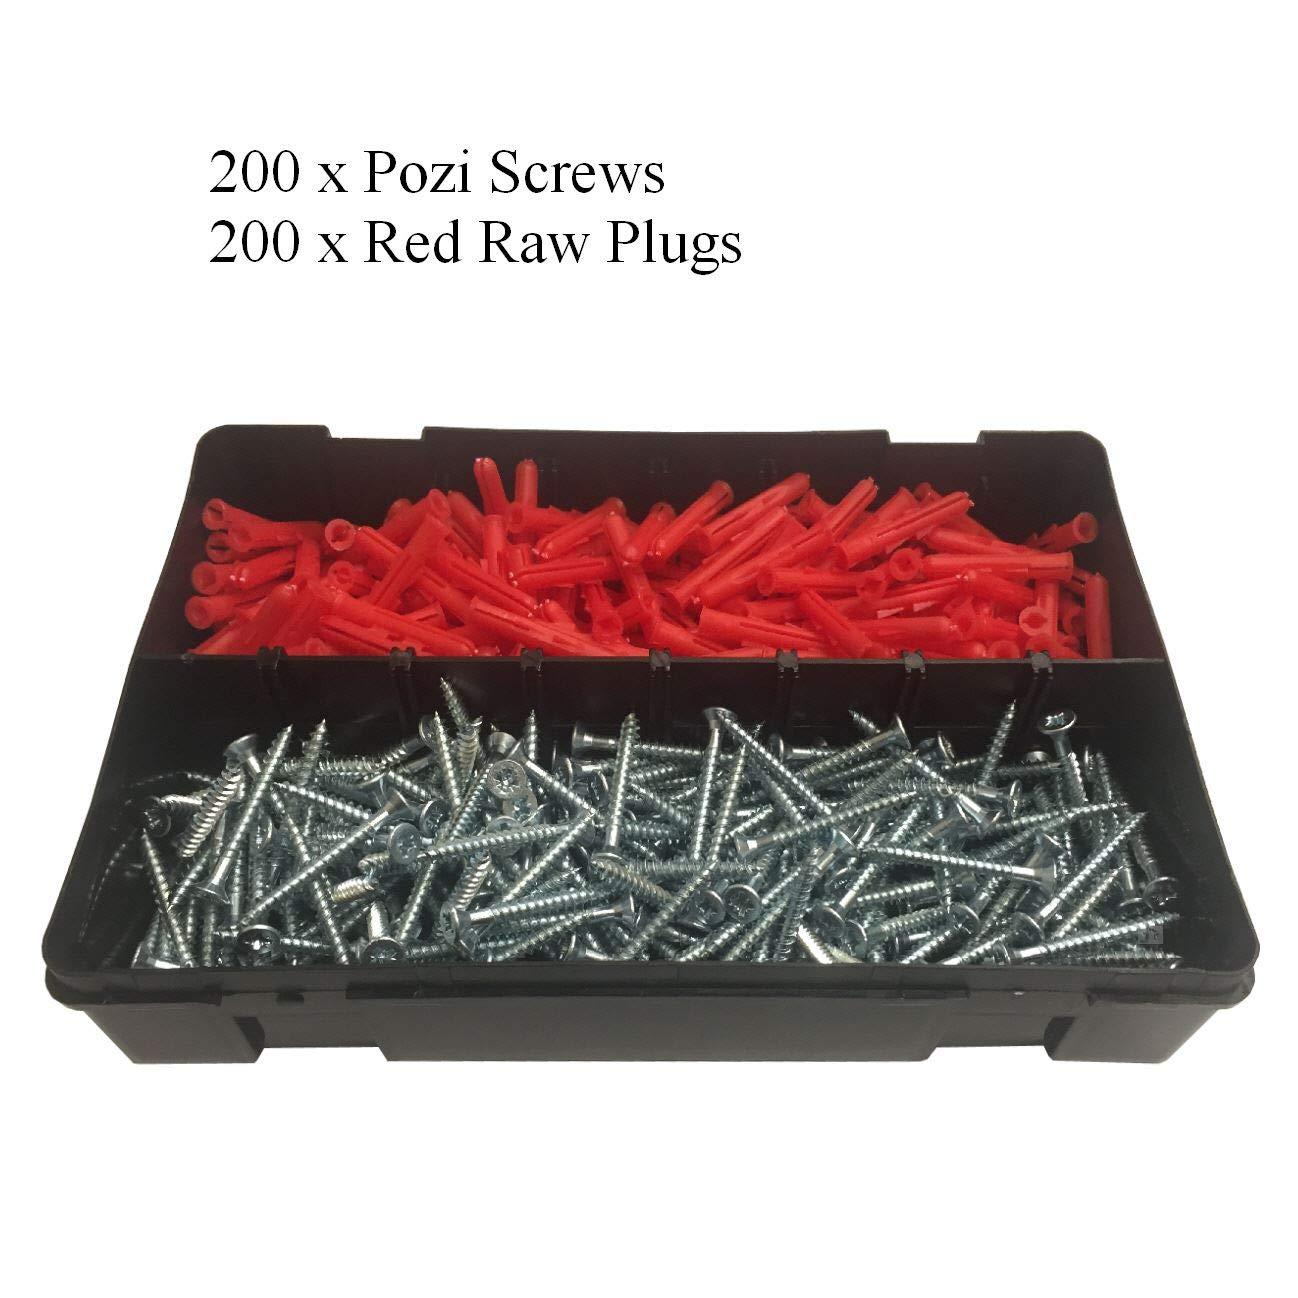 400 x Pozi Screws & Red Raw Fixing Plugs, Twin Thread 8 x 1½'' Countersunk